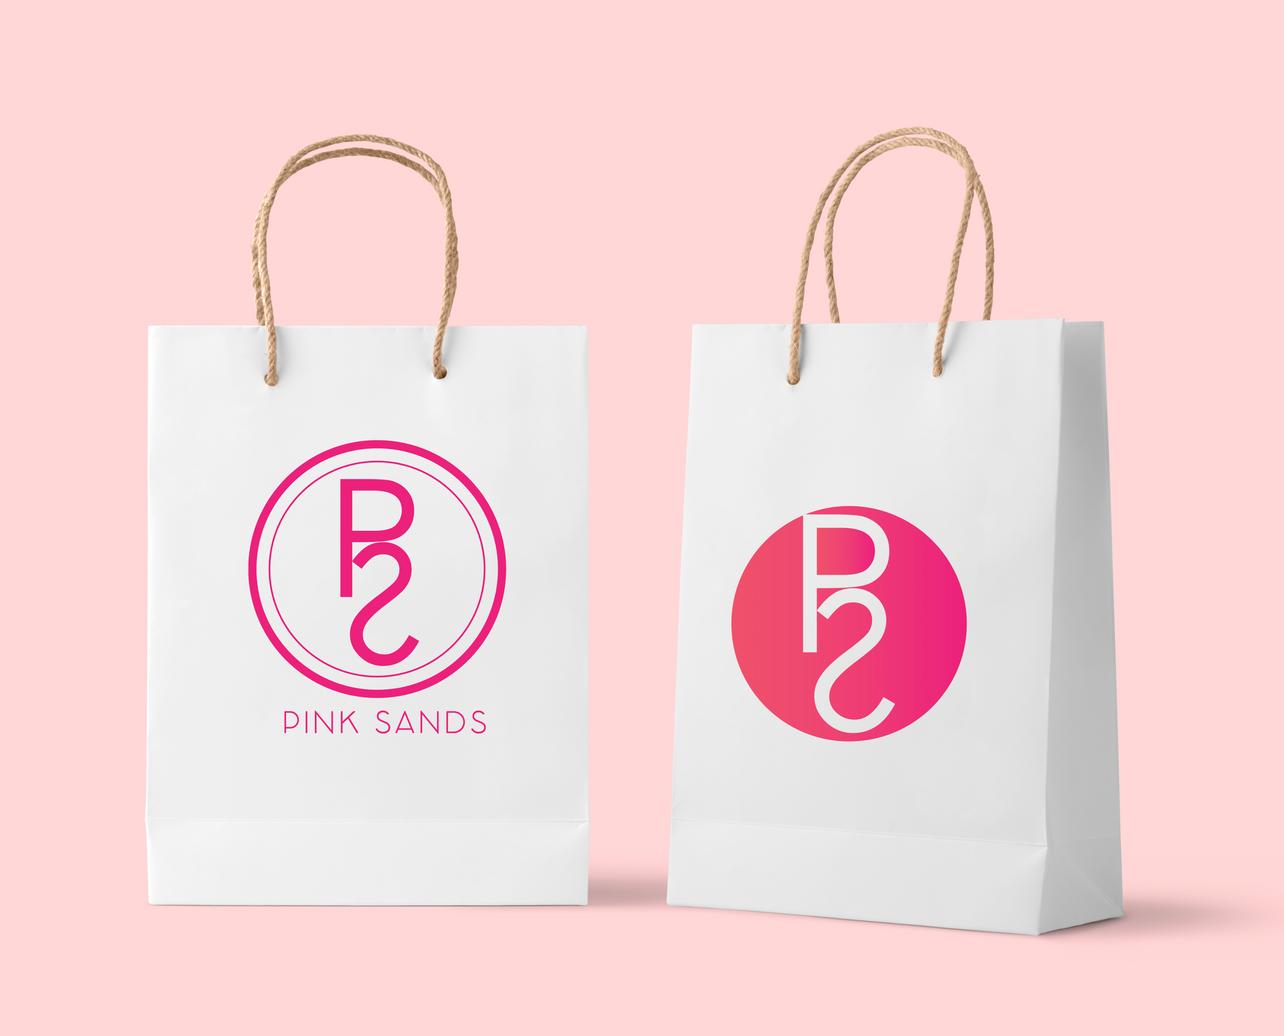 Pink Sands Bag